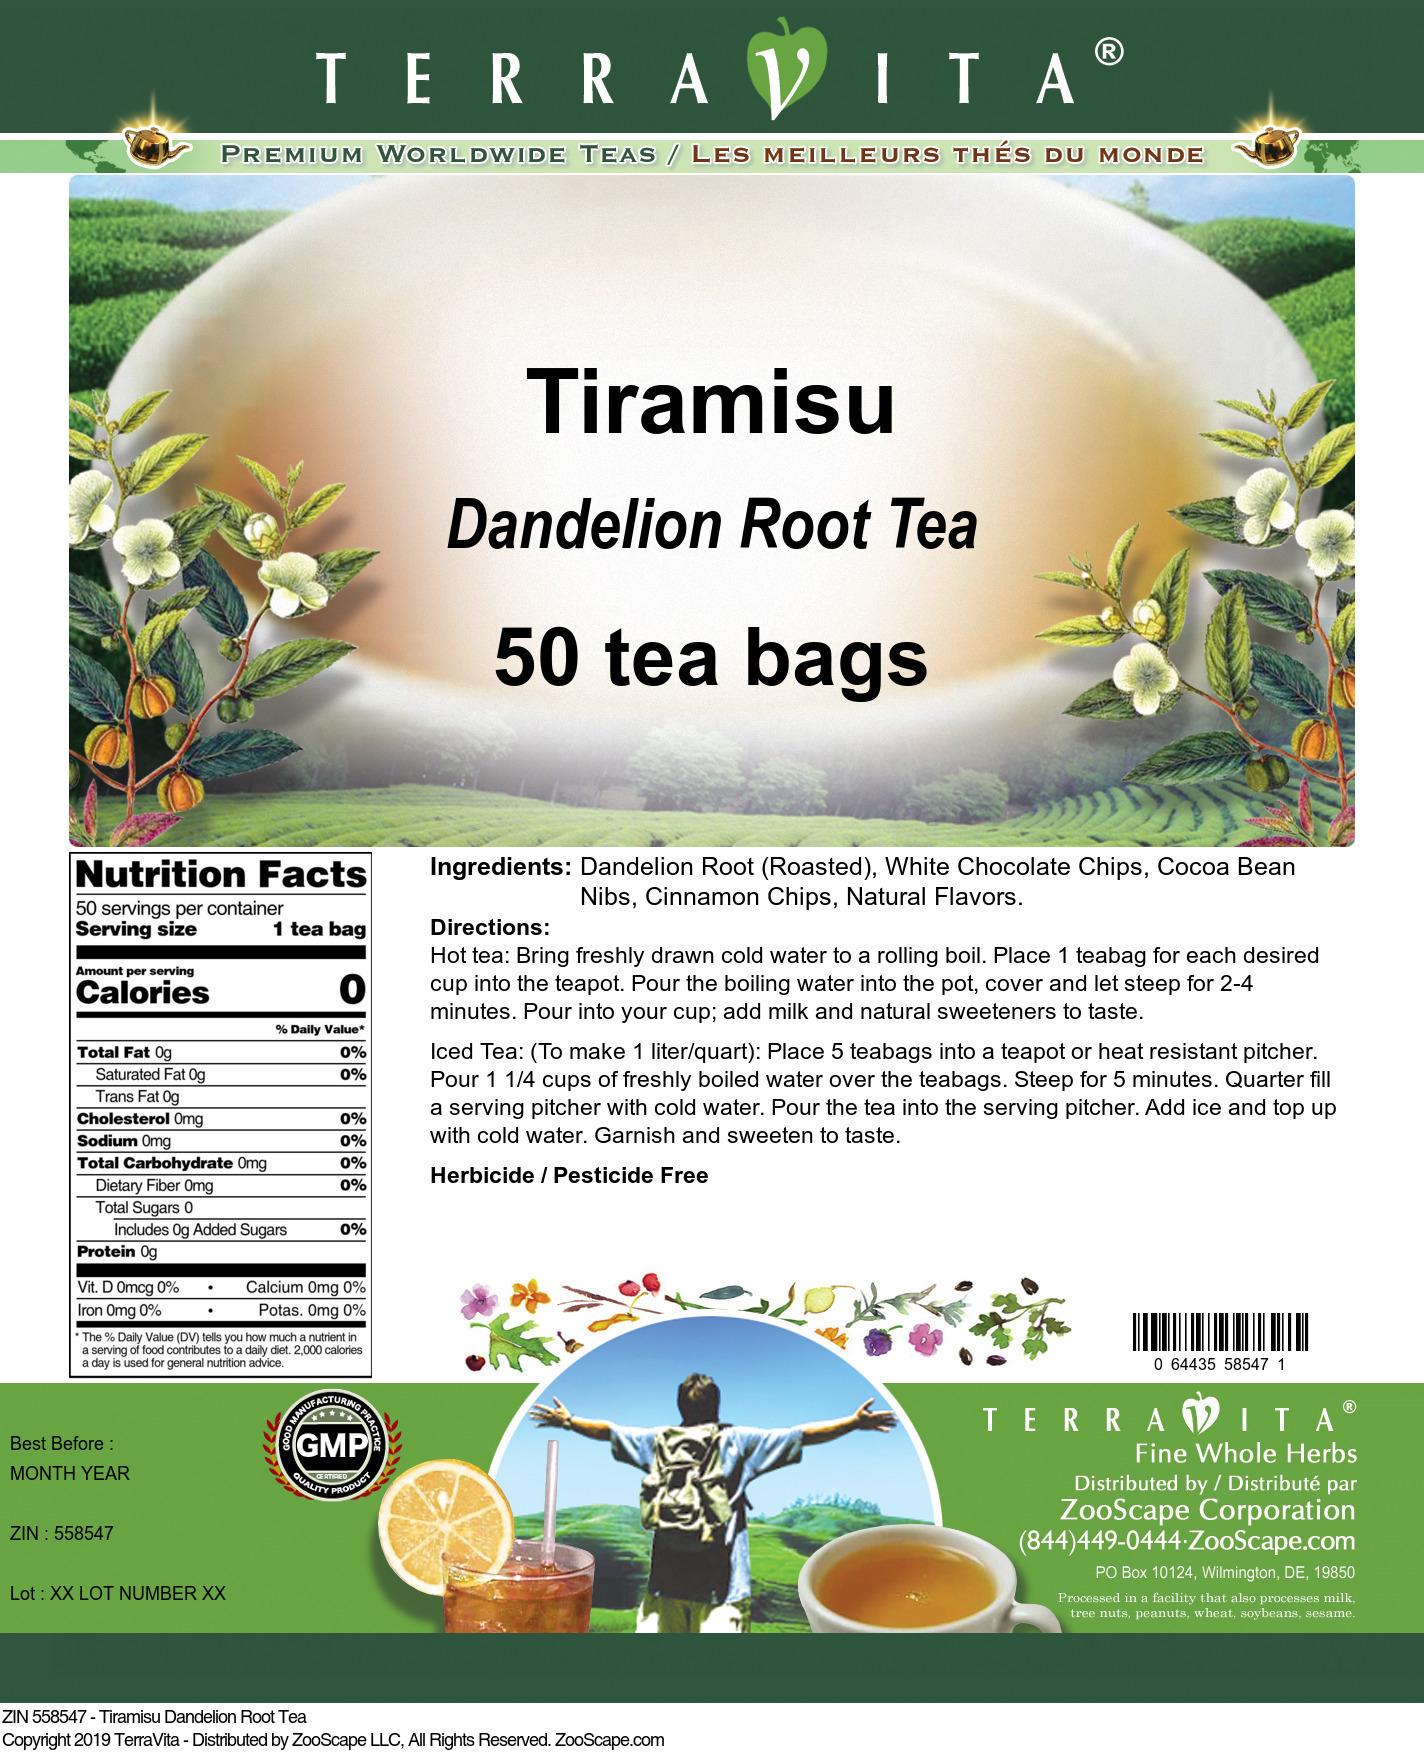 Tiramisu Dandelion Root